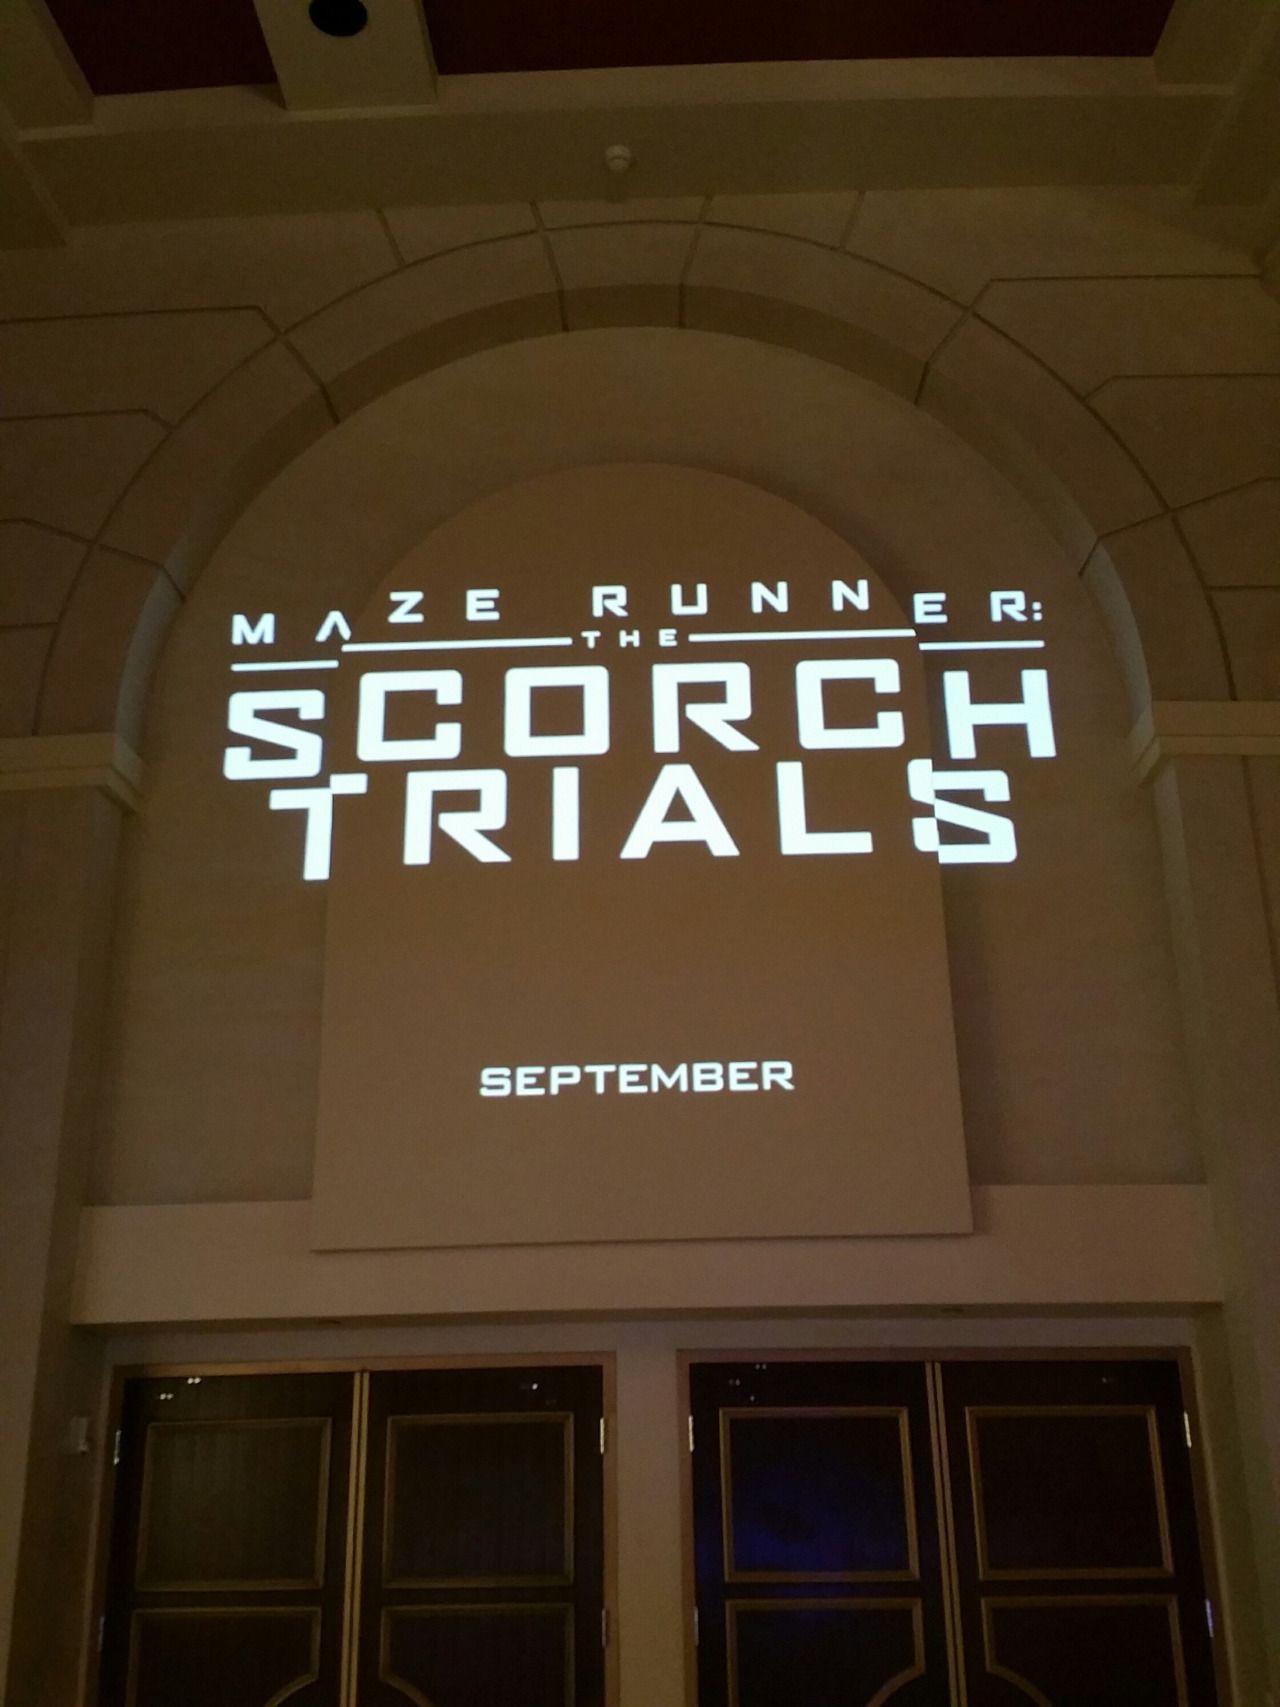 Maze Runner The Scorch Trials At Cinemacon The Maze Runner Movie